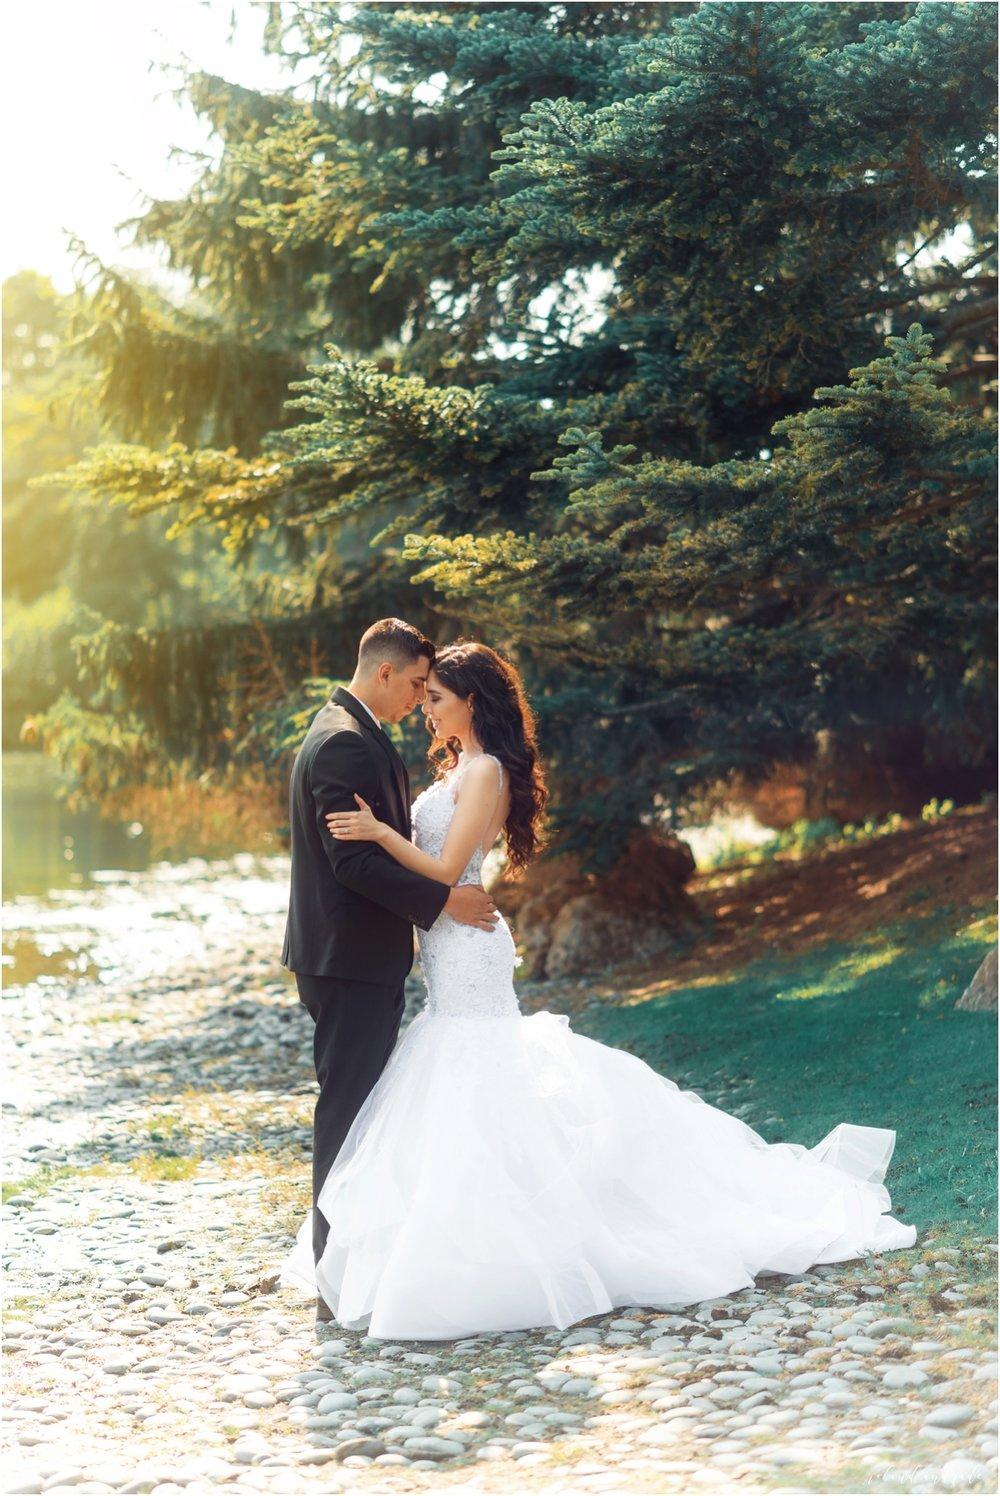 Mayra + Julian Chicago Botanic Garden Bridal Photography Chicago Wedding Photography Photographer14.jpg